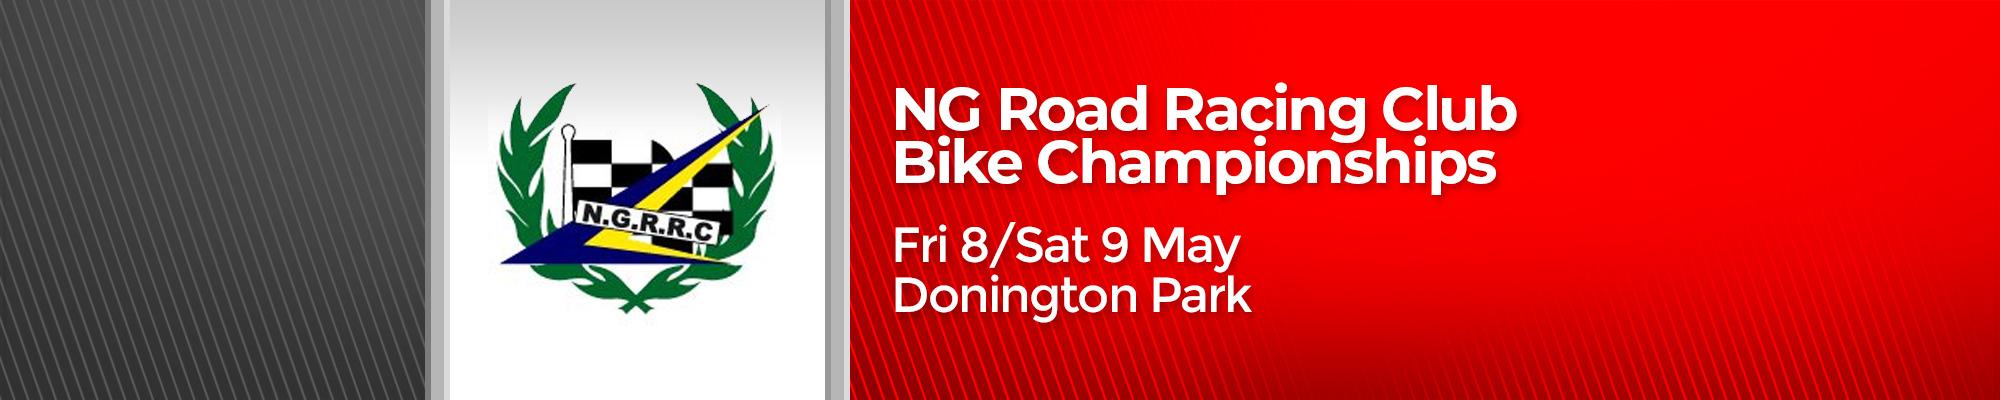 NG Road Racing Club Bike Championships